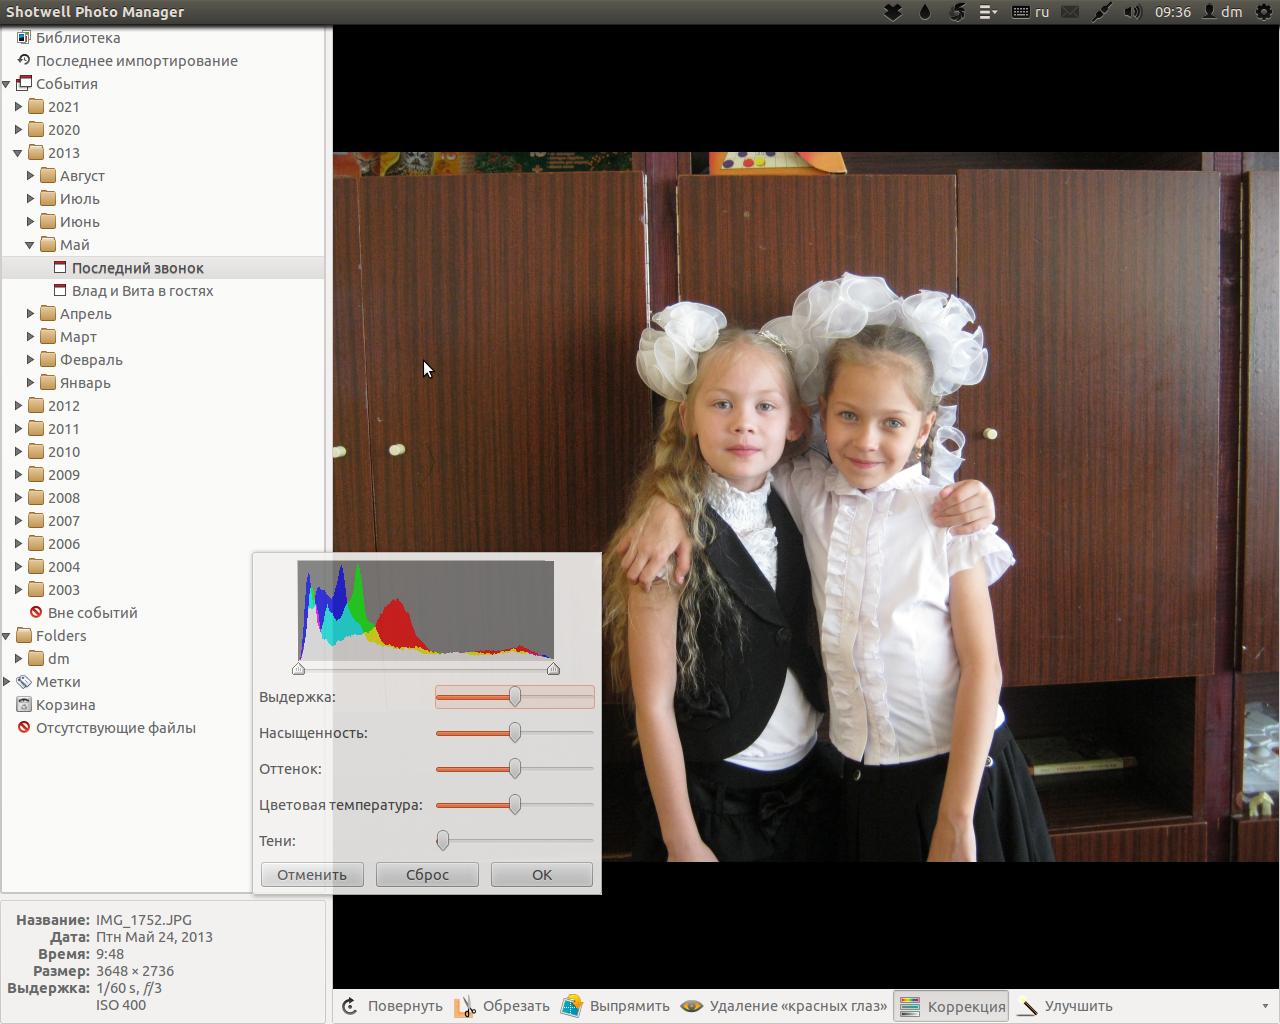 Снимок экрана от 2013-10-07 09:36:43